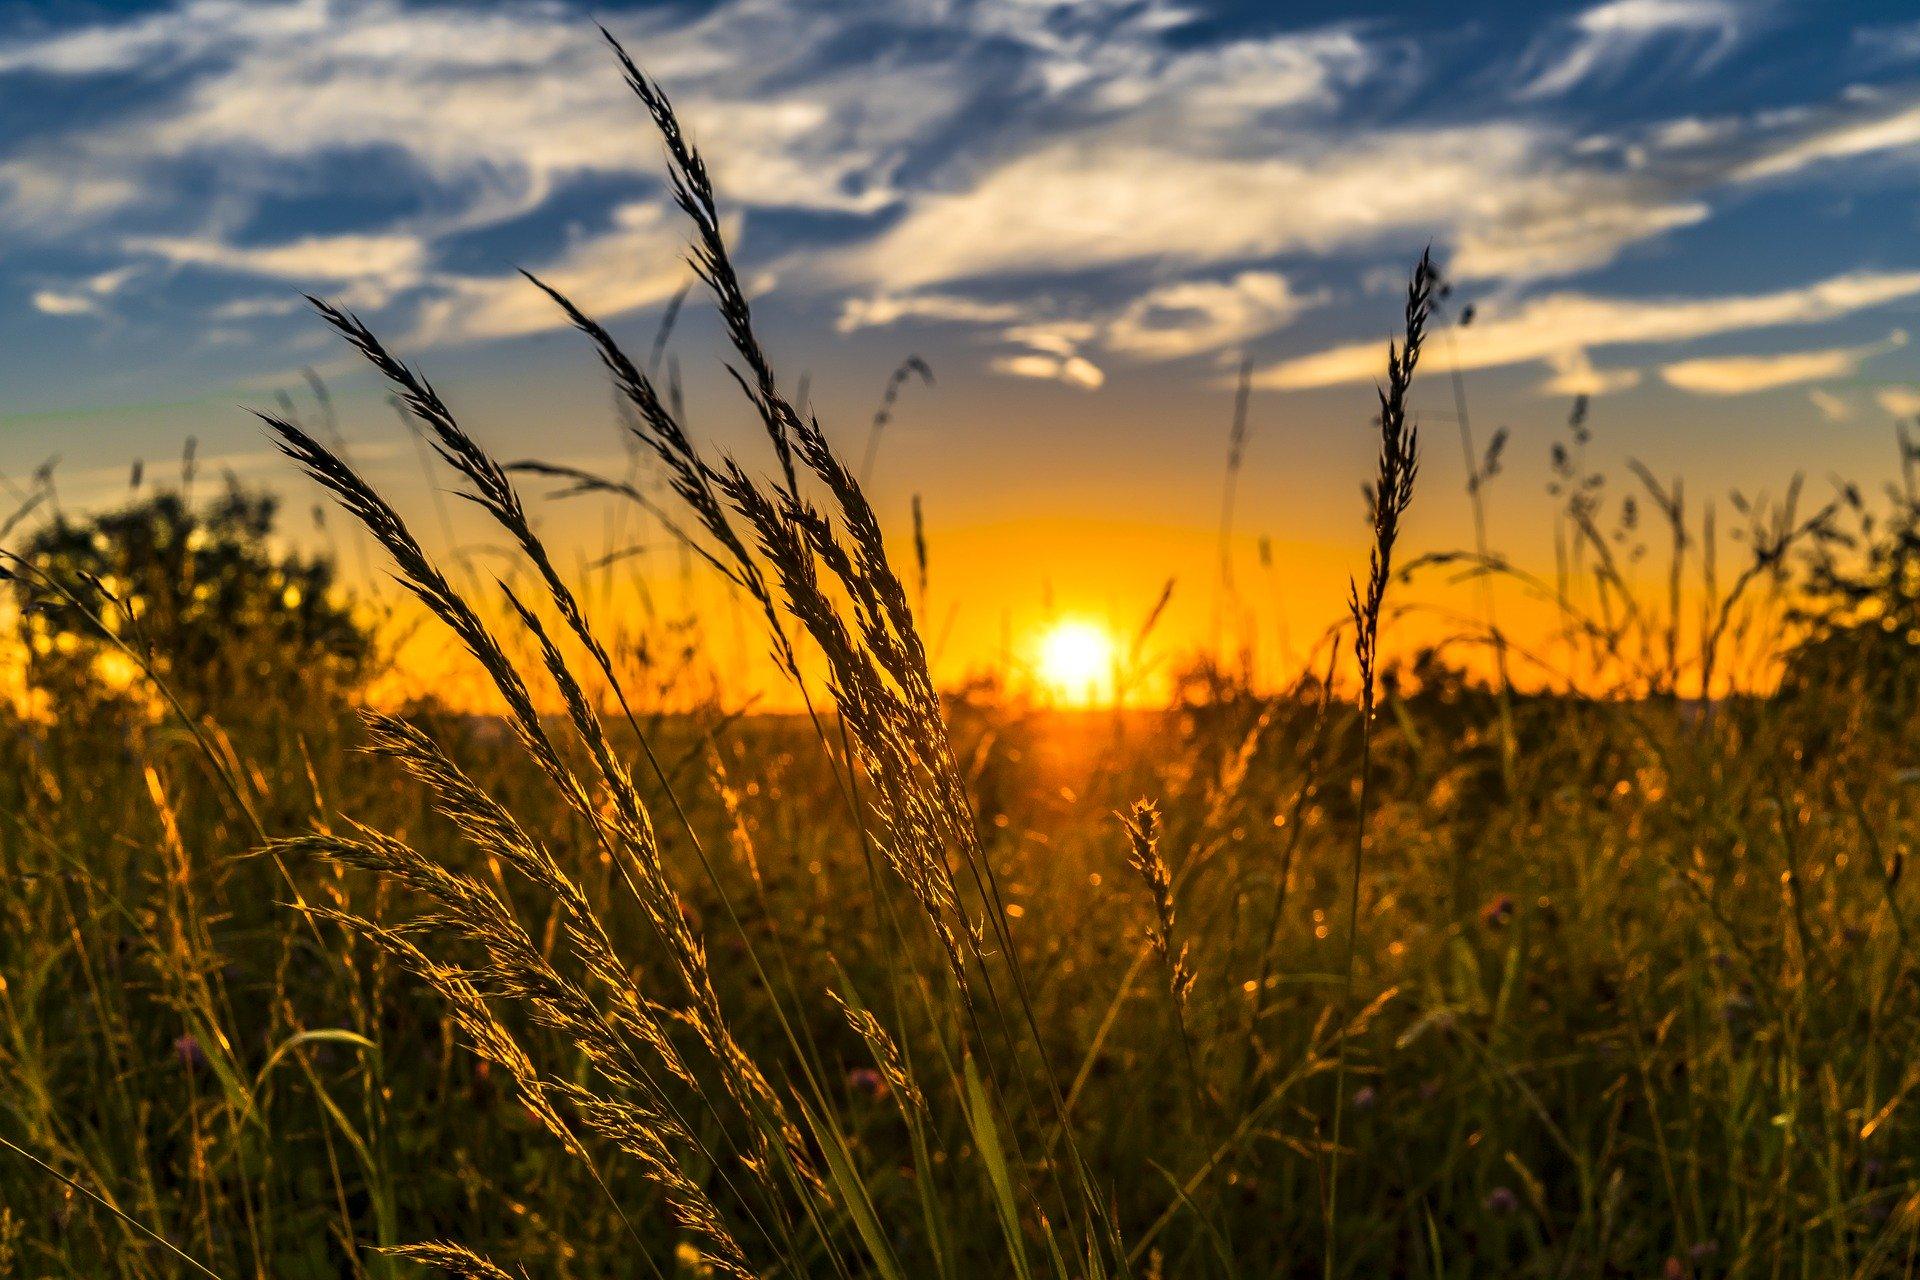 インフラエンジニア必見!5Gで変化する分野:農業編のアイキャッチイメージ